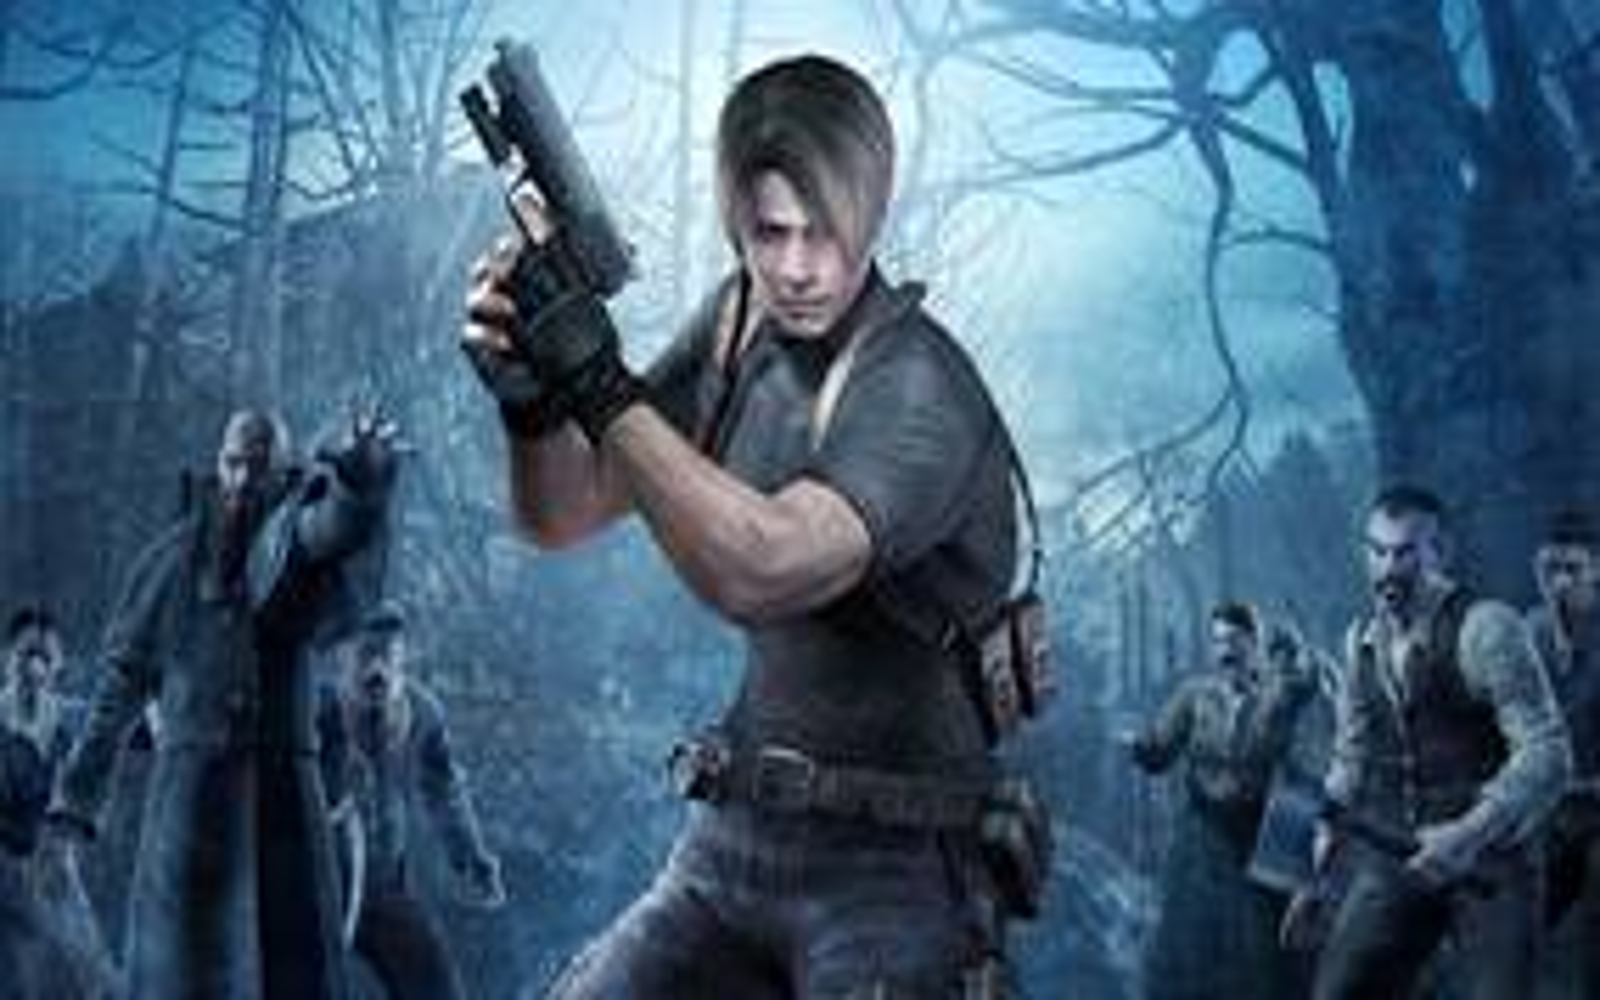 Image for Resident Evil 4 VR arrives on Oculus Quest 2 next month